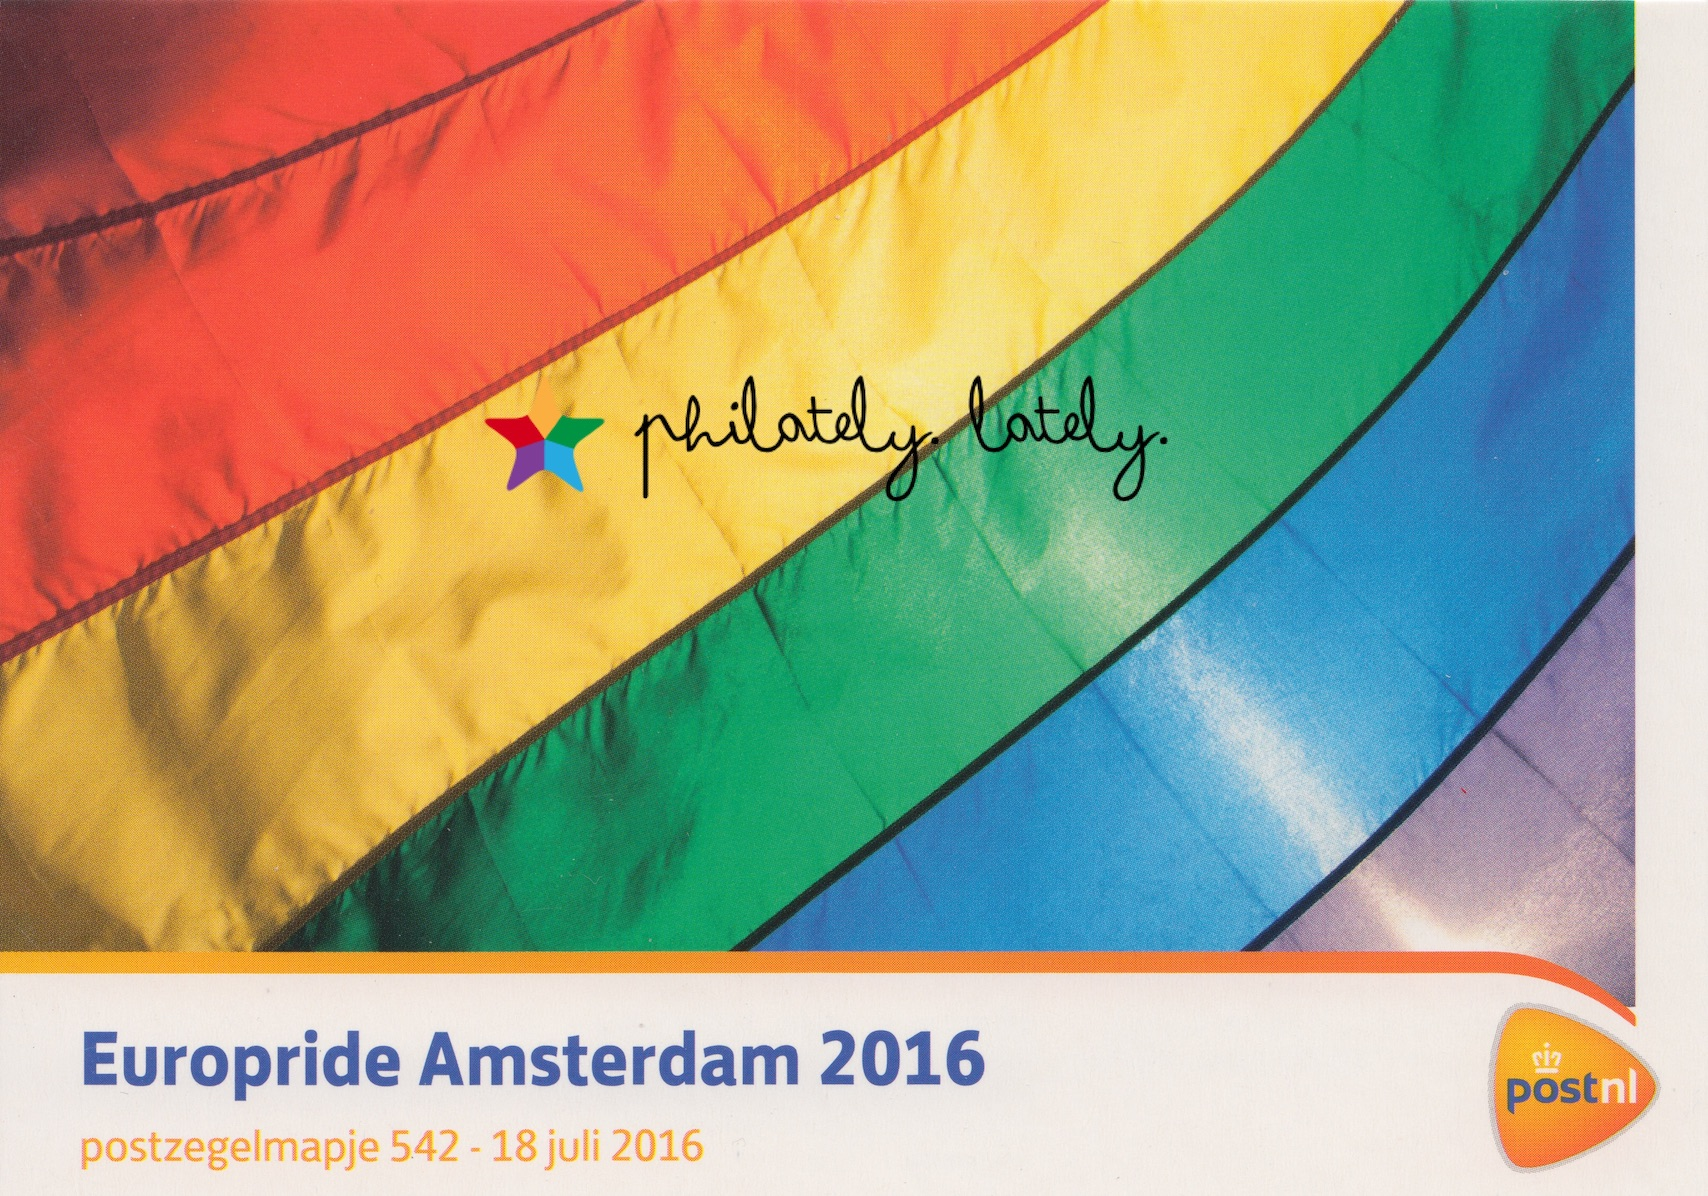 013_The_Netherlands_LGBT_Stamps.jpg